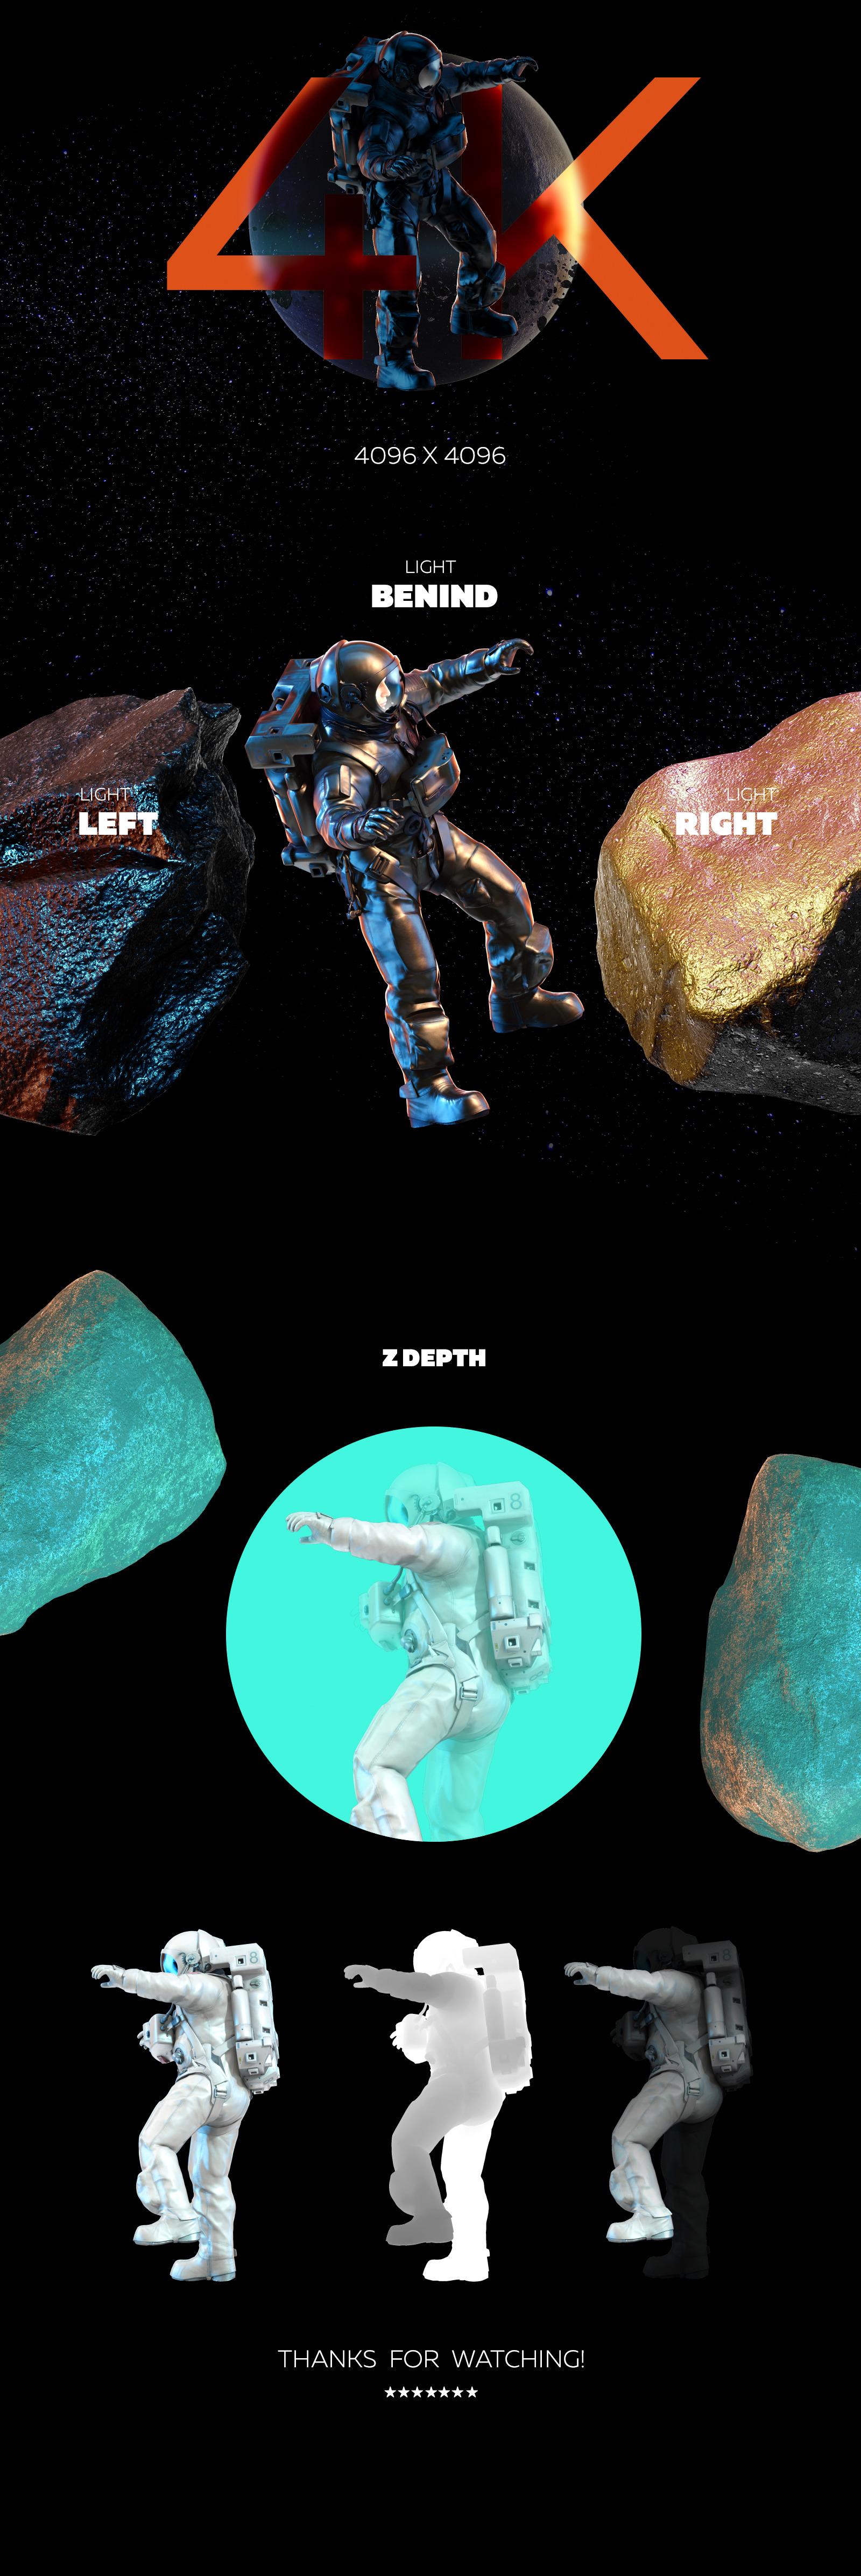 16款多角度太空宇航员3D模型平面设计PS素材源文件 3D Mockup Space Astronaut #11插图(4)